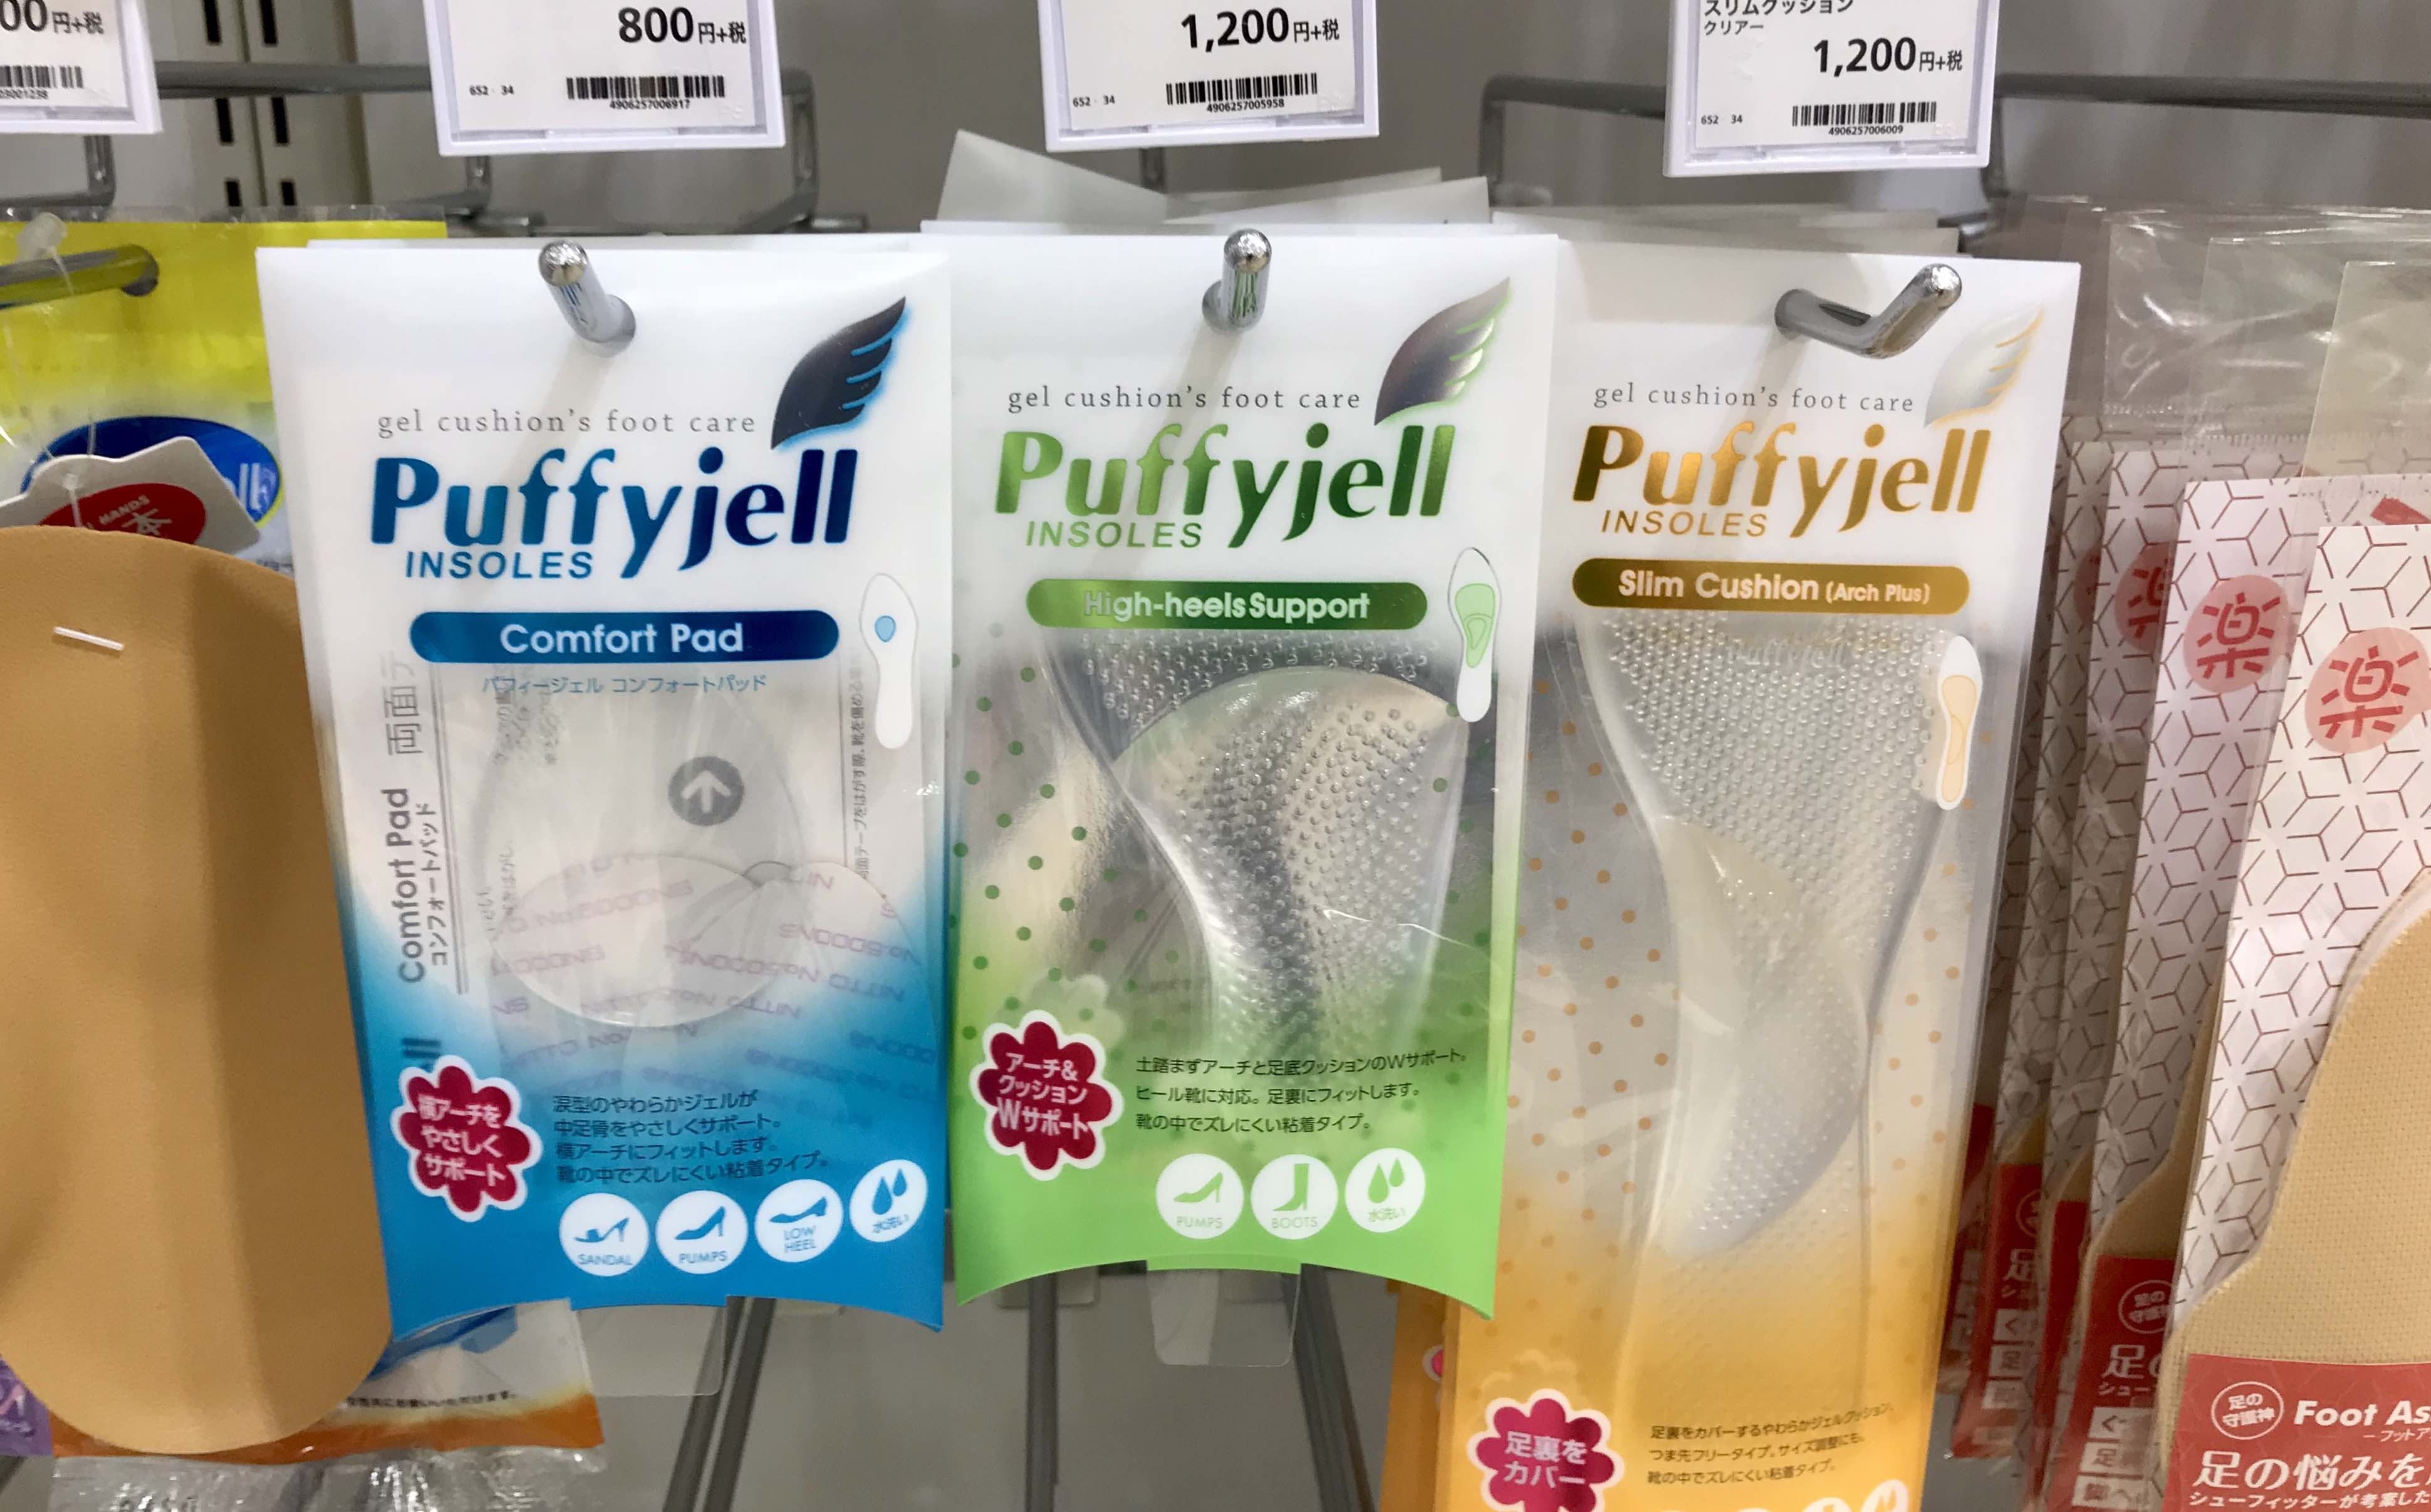 PuffyJel inserts